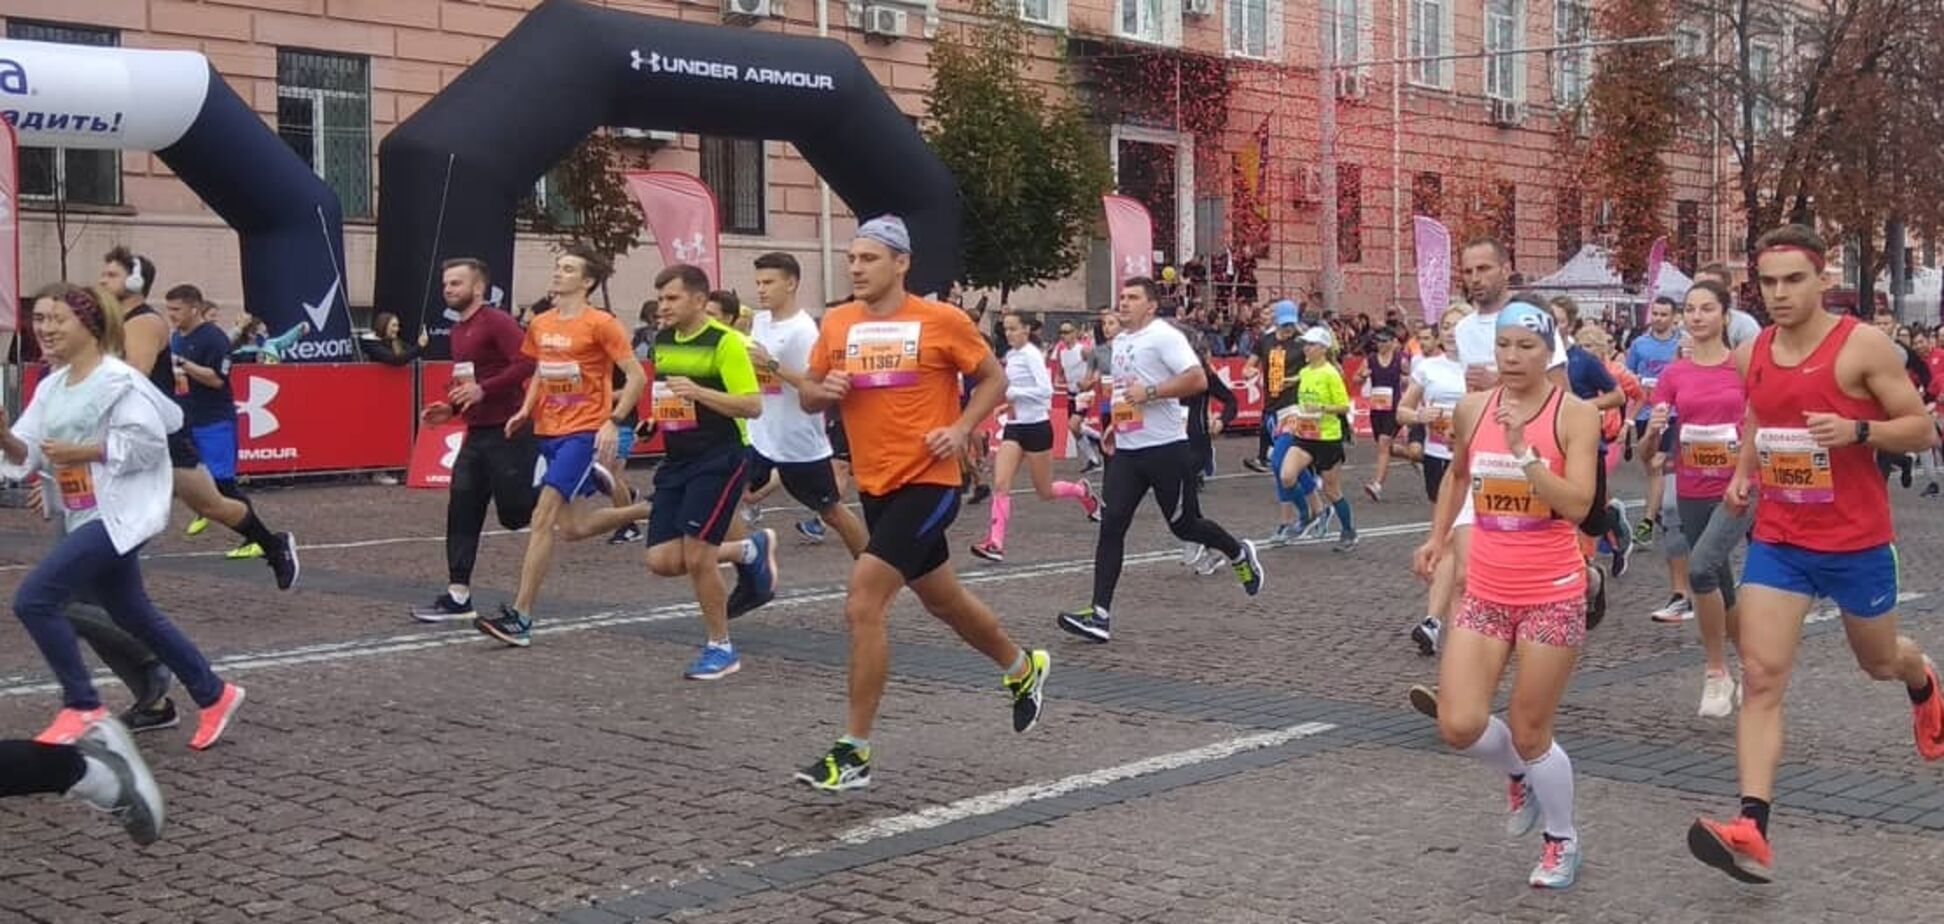 Учасники марафону будуть долати дистанції від 4,2 до 42 кілометрів